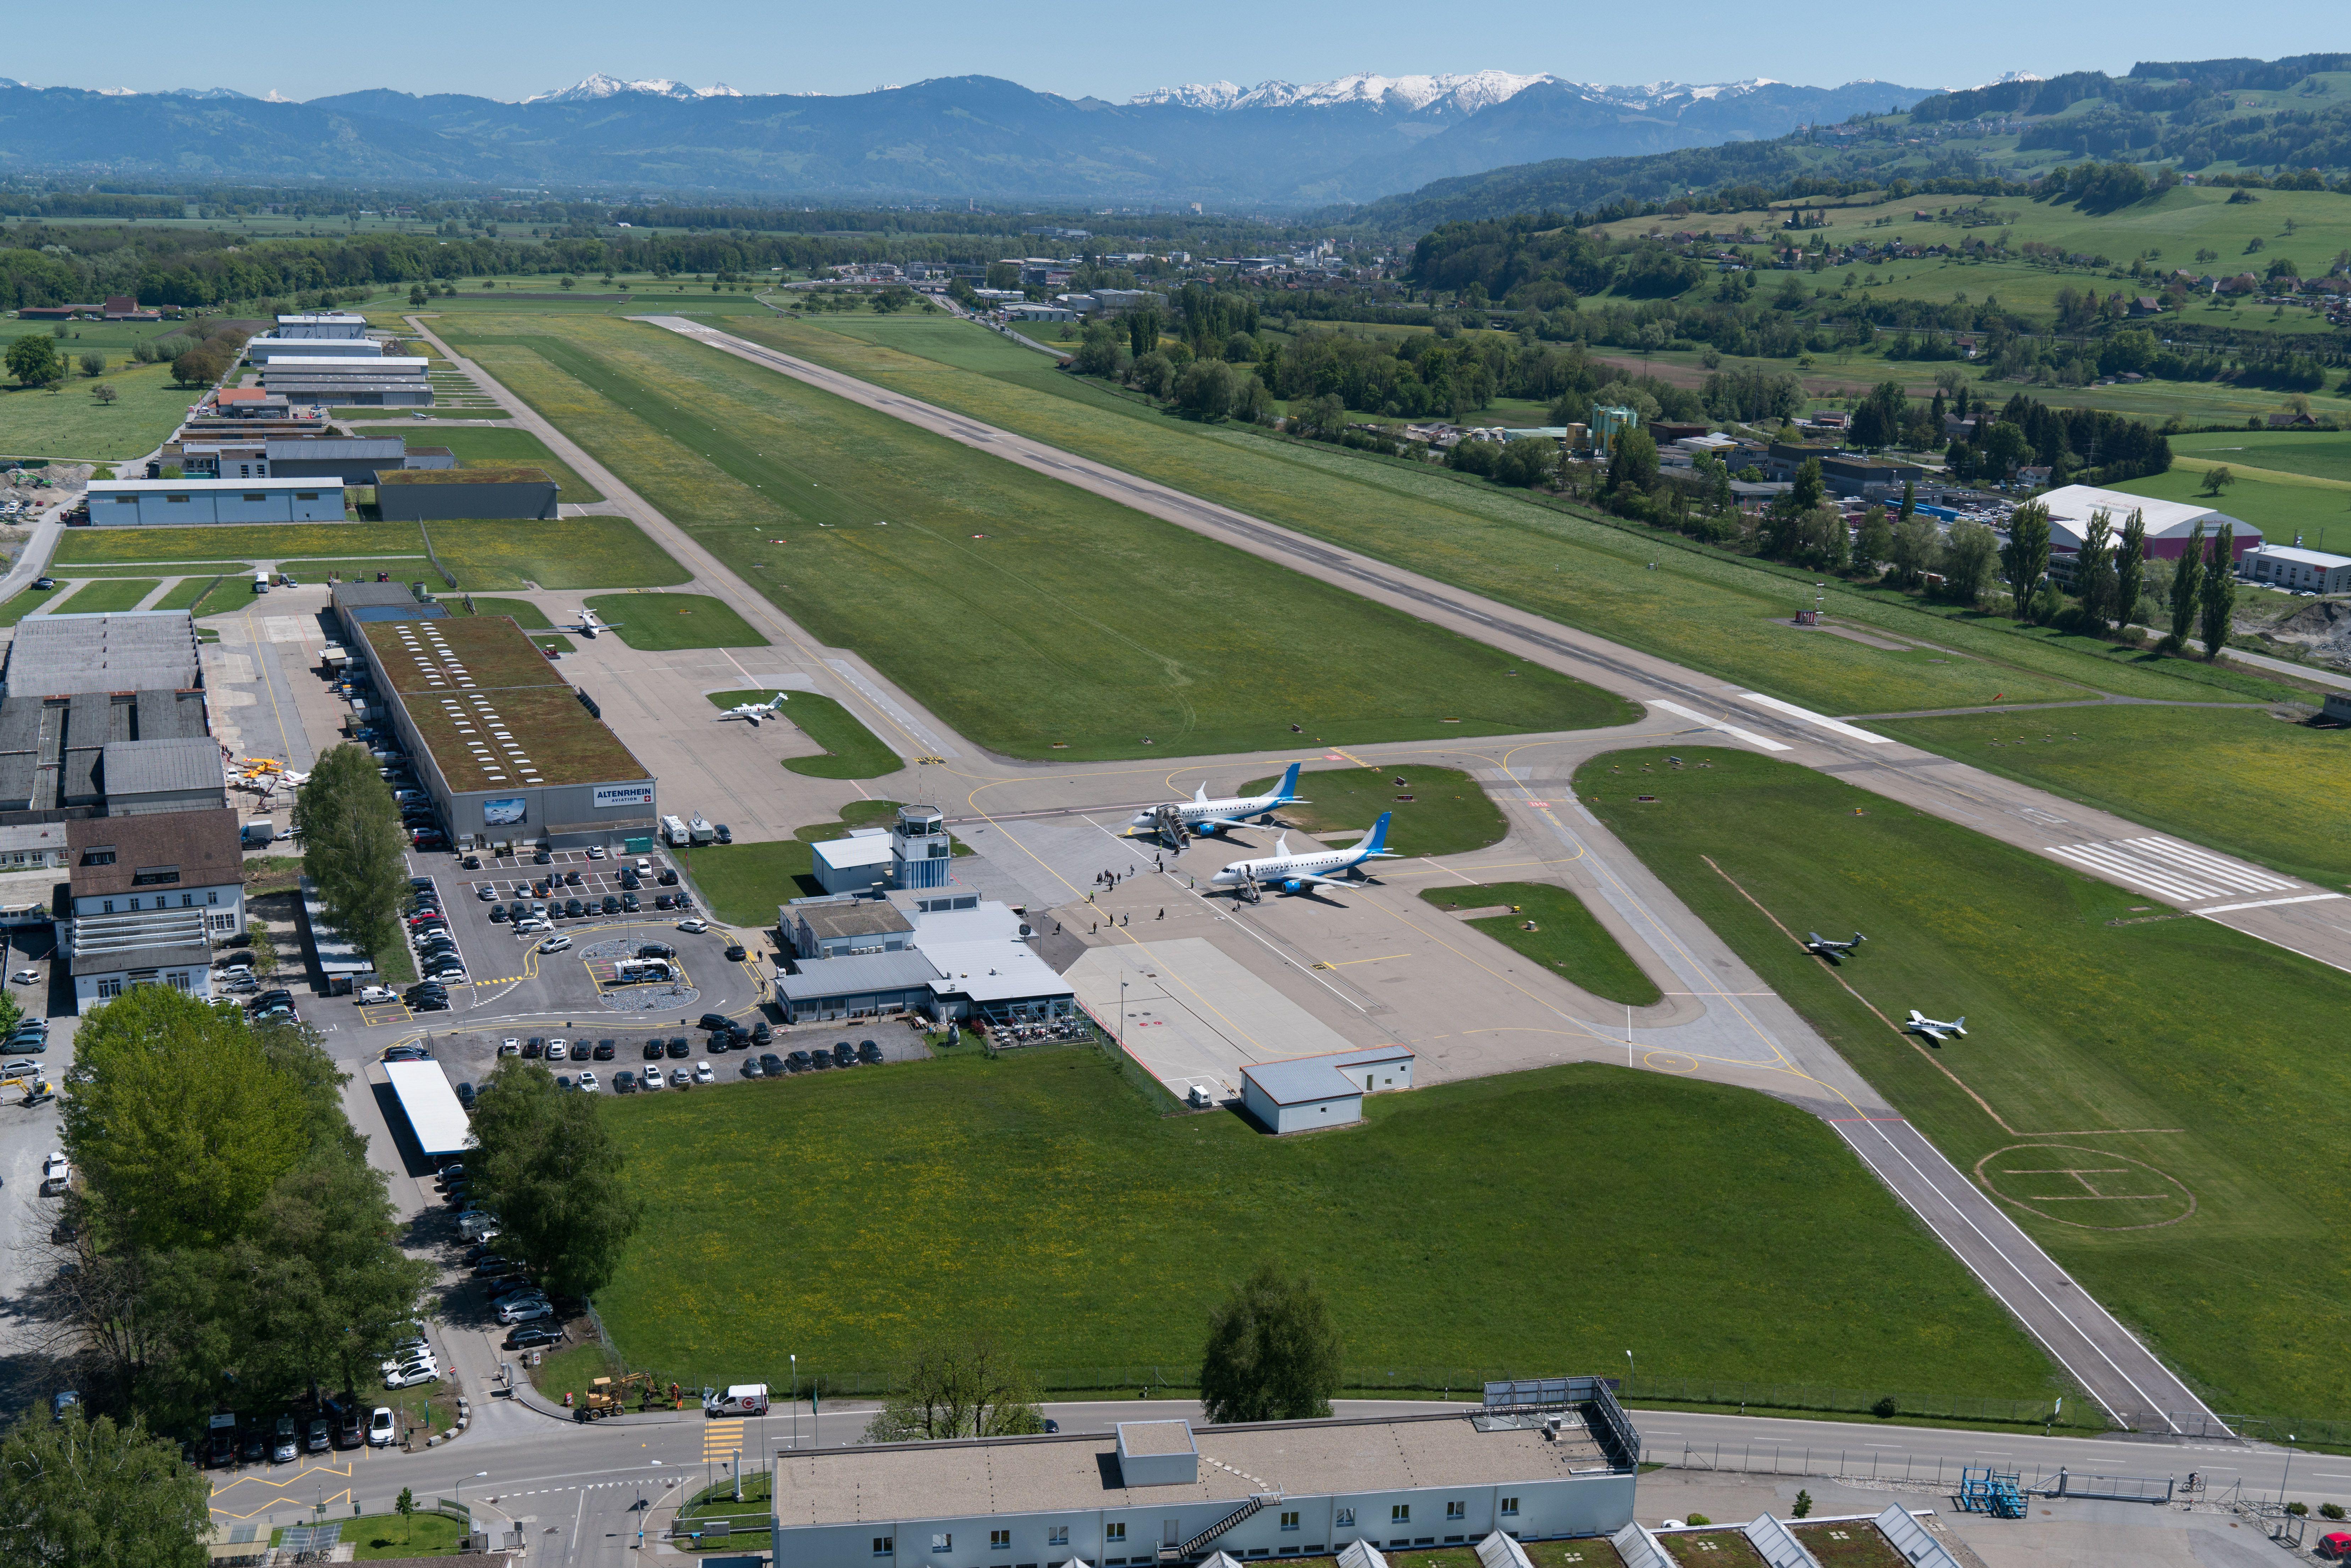 St. Gallen Airport